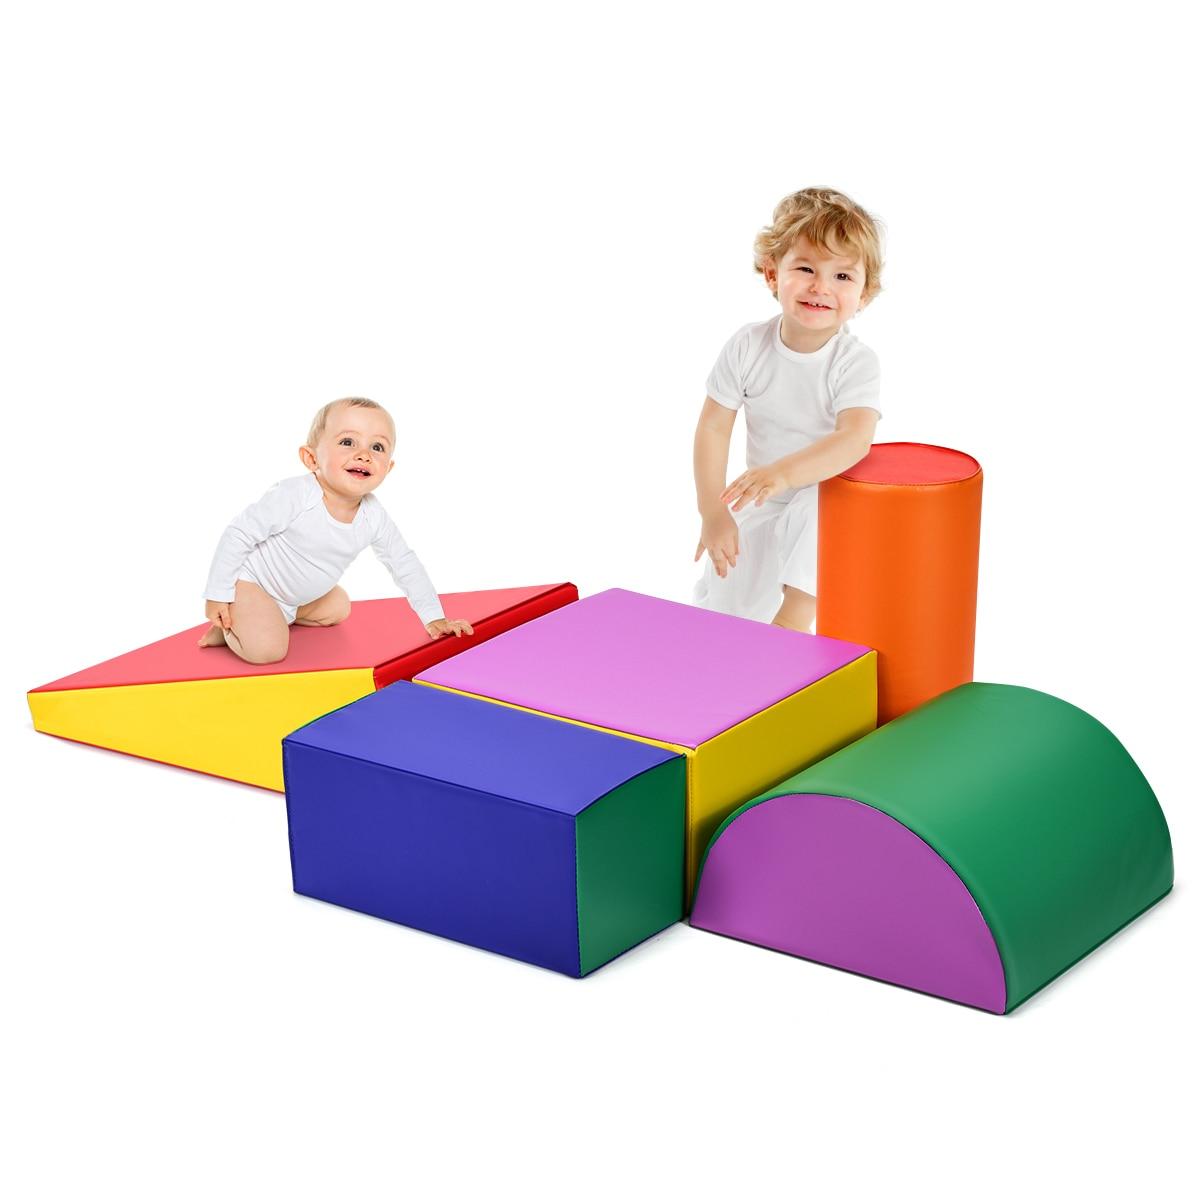 مجموعة إسفنجية للأطفال الصغار ، لعبة زحف للأطفال الصغار ، لعبة تسلق آمنة نشطة